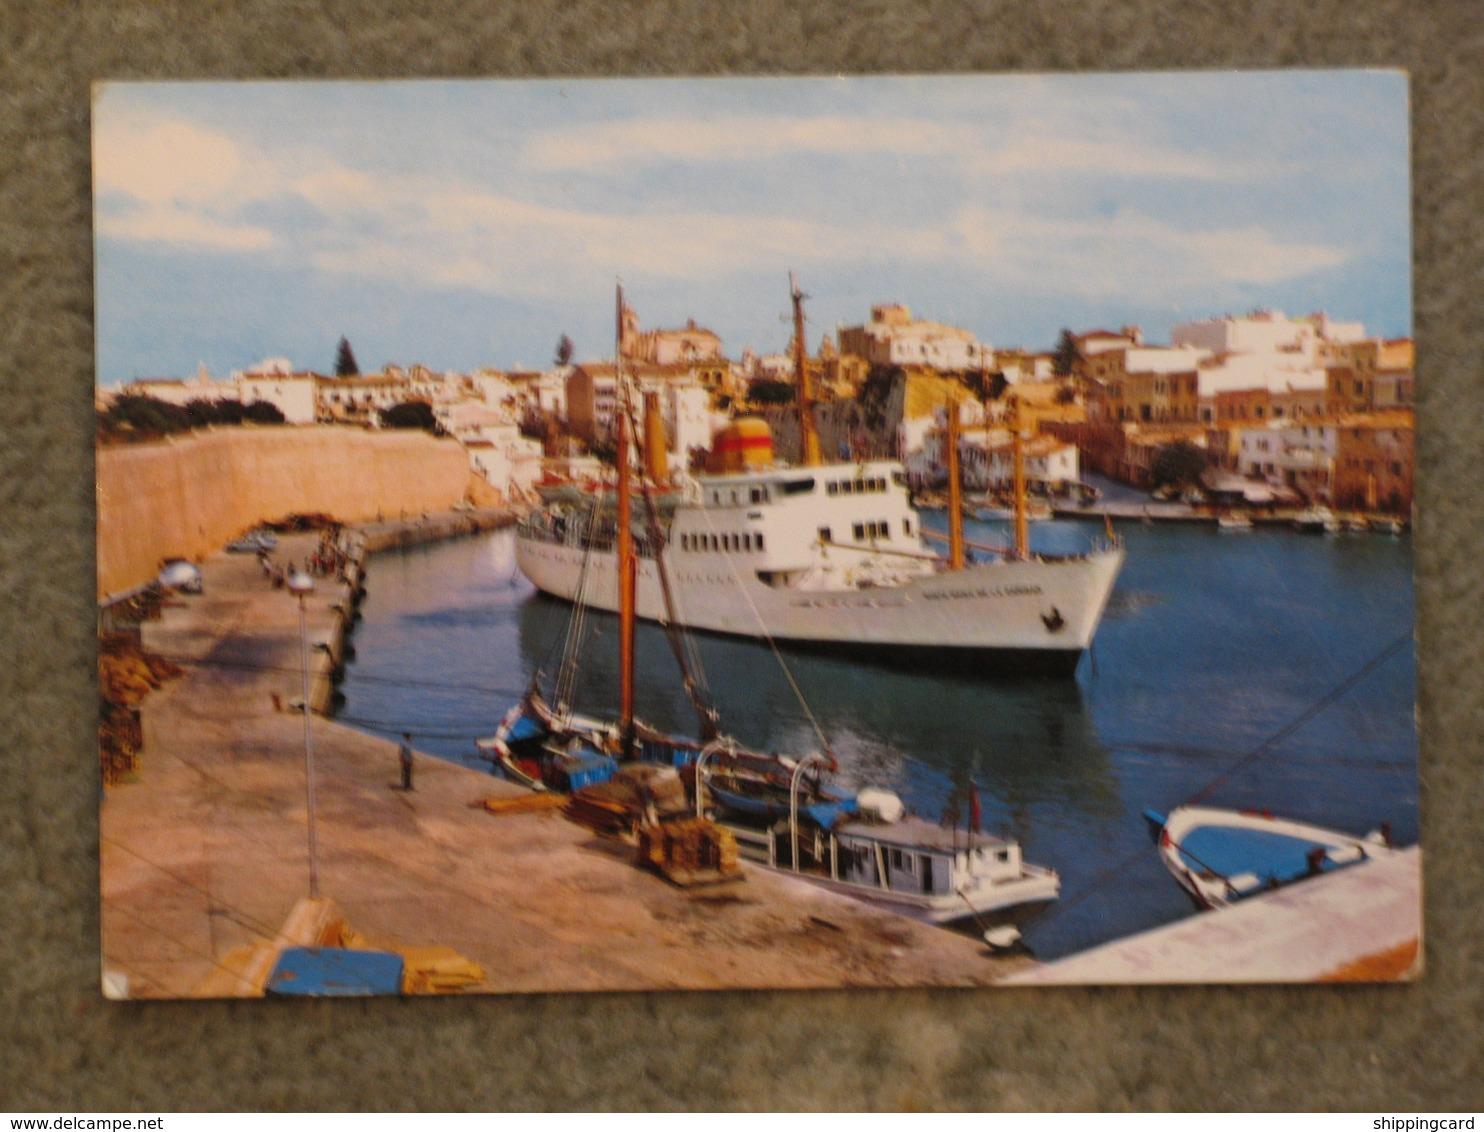 CIUDAD MARIA DE LA CARIDAD - MENORCA FERRY - Ferries